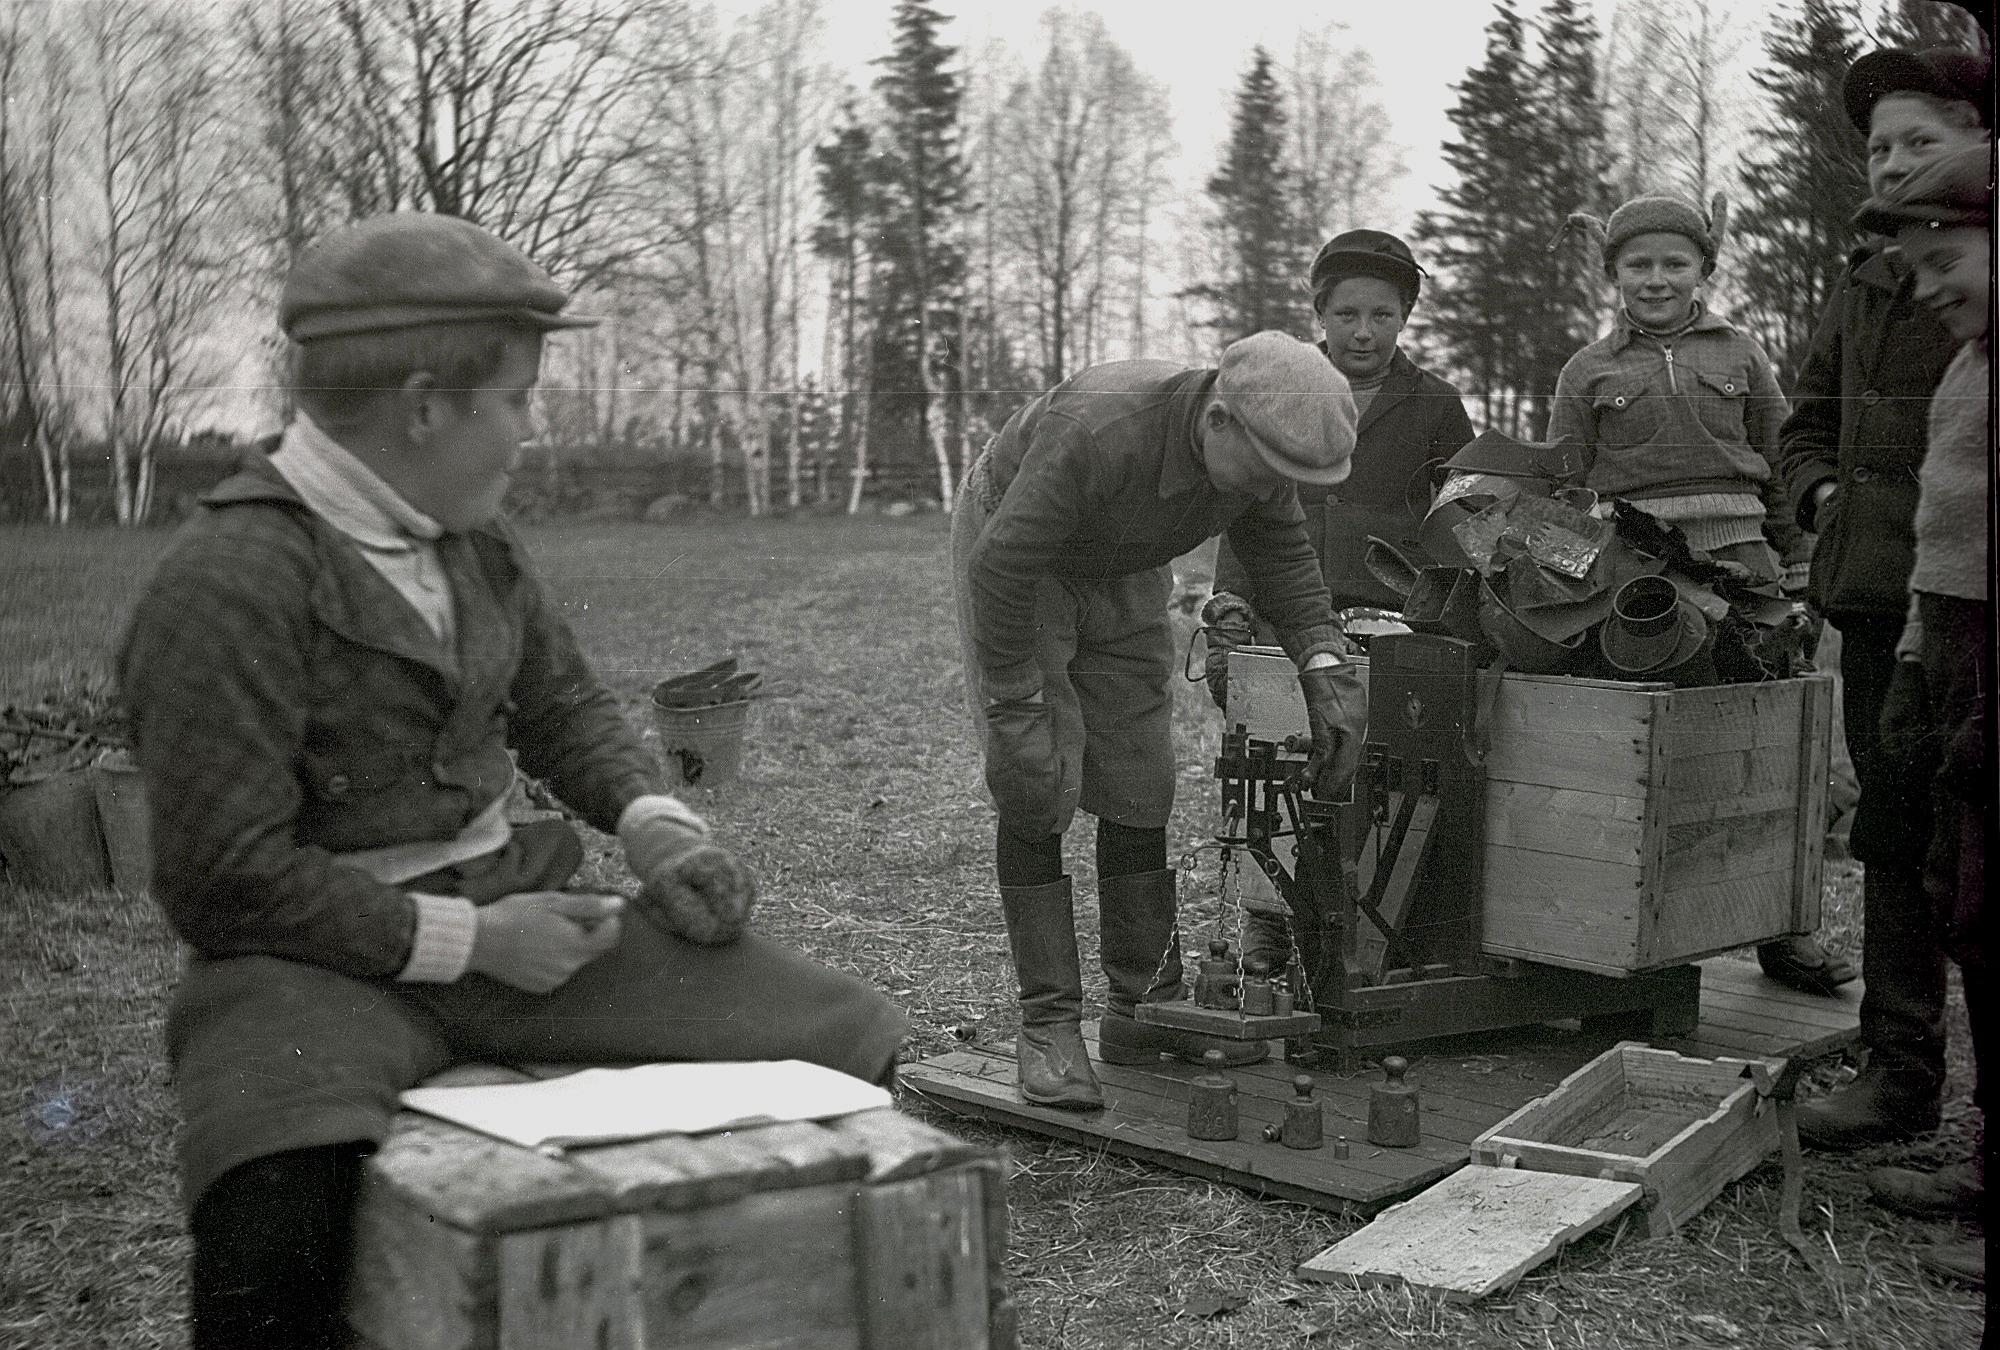 Metallerna som samlades in för försvarsmakten skulle vägas och bokföras. Runar Storsjö sköter bokföringen medan vägaren är okänd. Bakom står Erik Skogman och Fjalar Marttila.